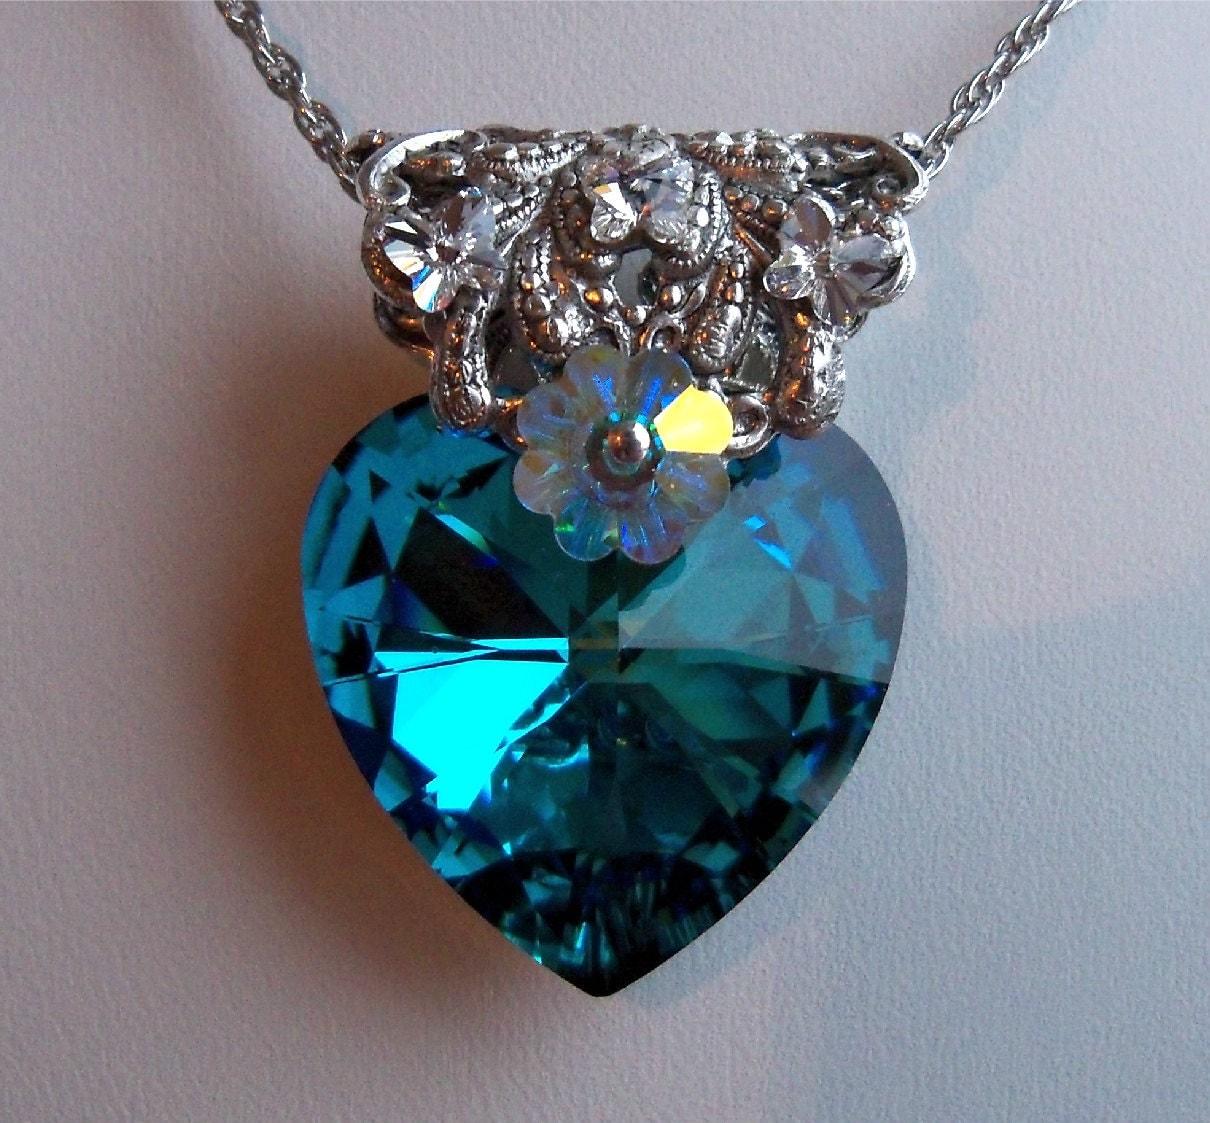 heart necklace bermuda blue swarovski elements crystal. Black Bedroom Furniture Sets. Home Design Ideas